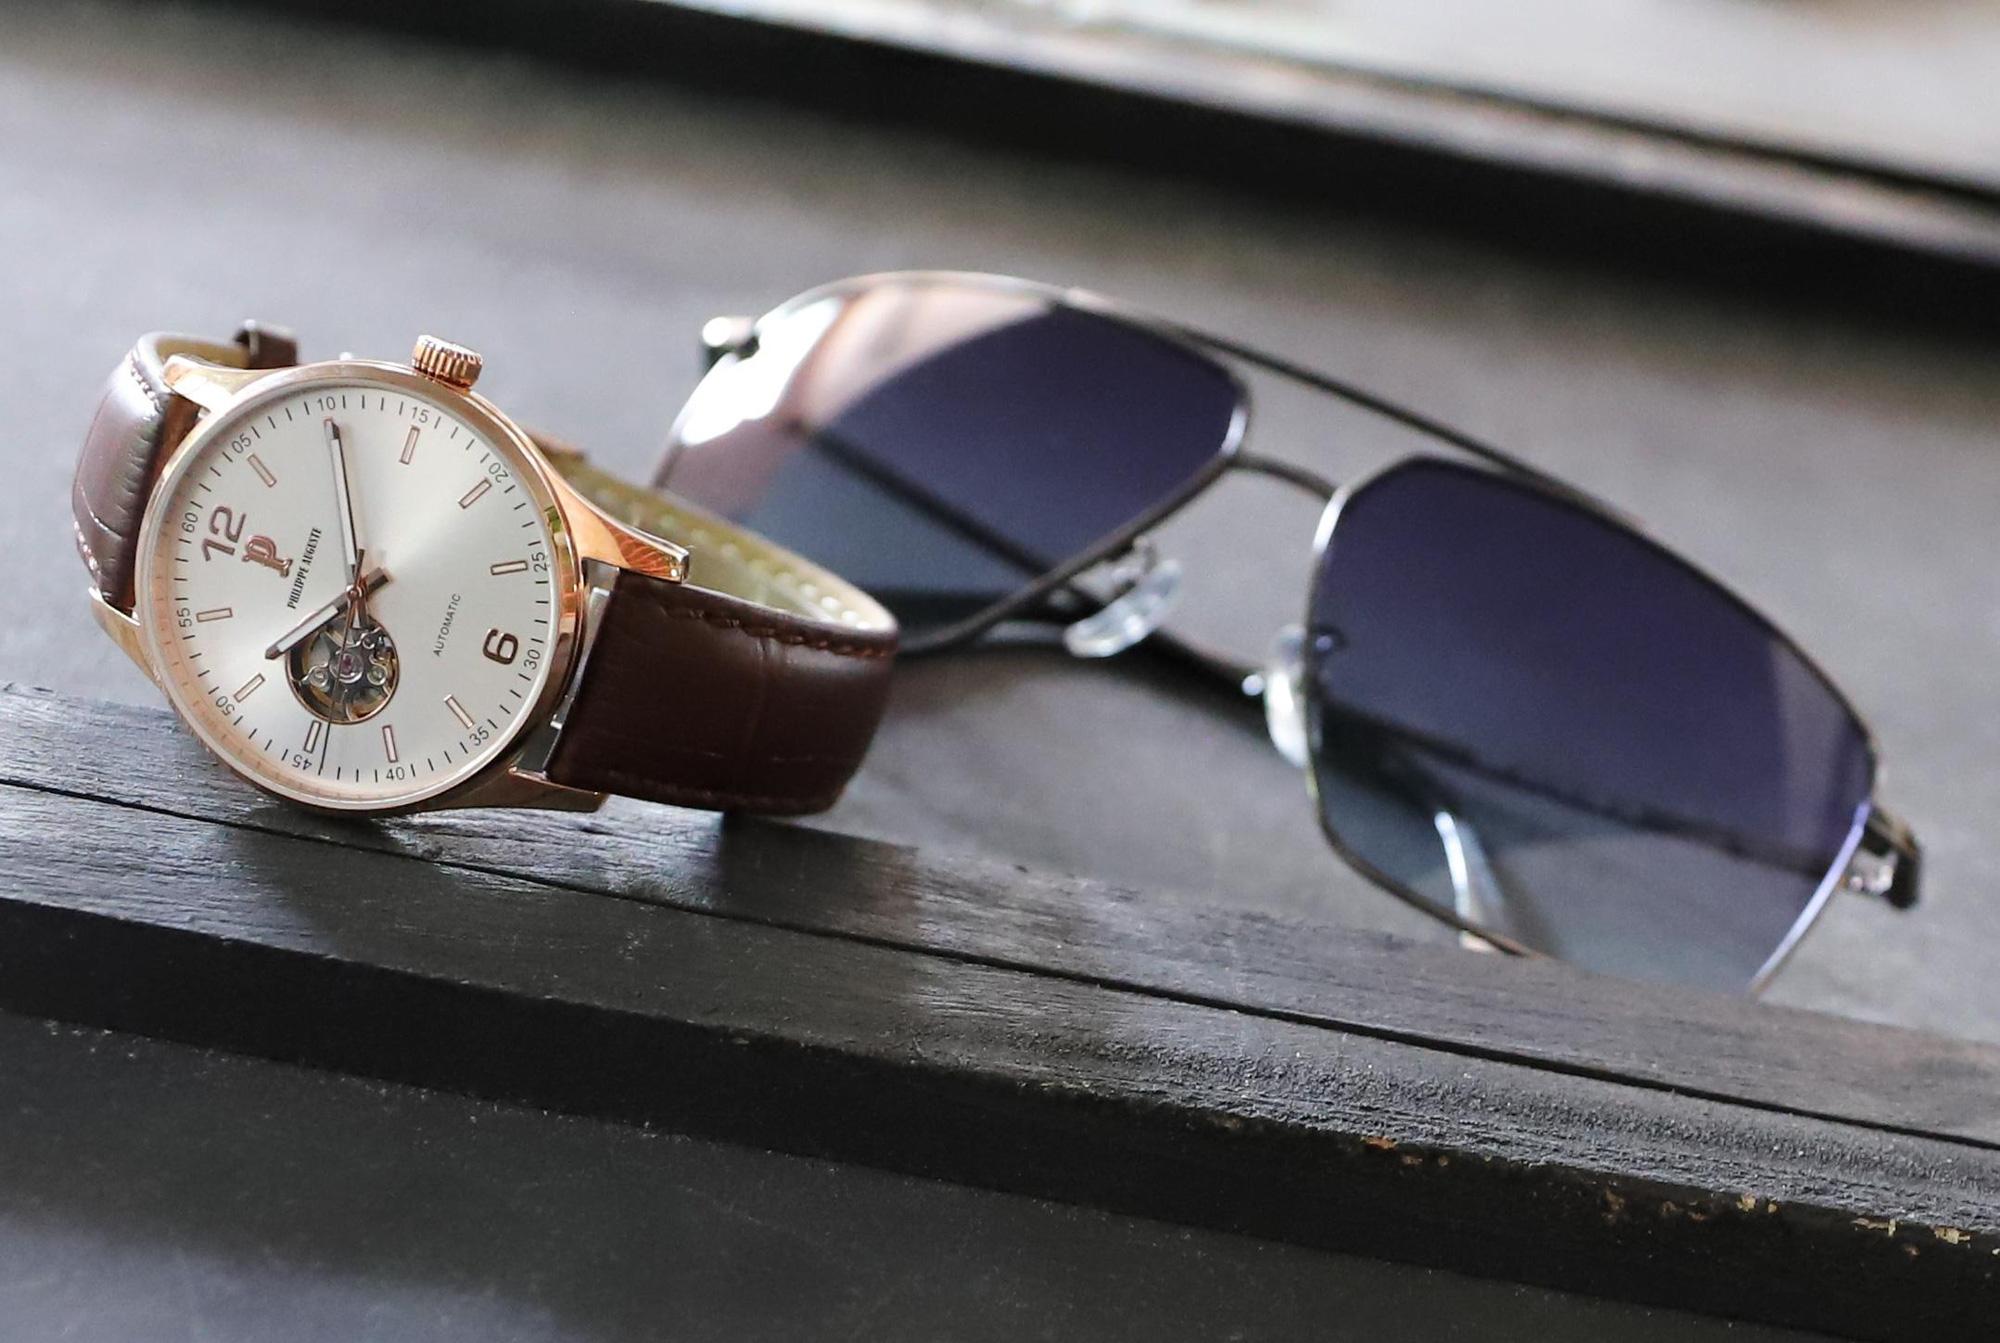 Mua đồng hồ Citizen ở đâu giá rẻ? Đăng Quang Watch còn rẻ hơn với ưu đãi lên đến 40% - Ảnh 5.